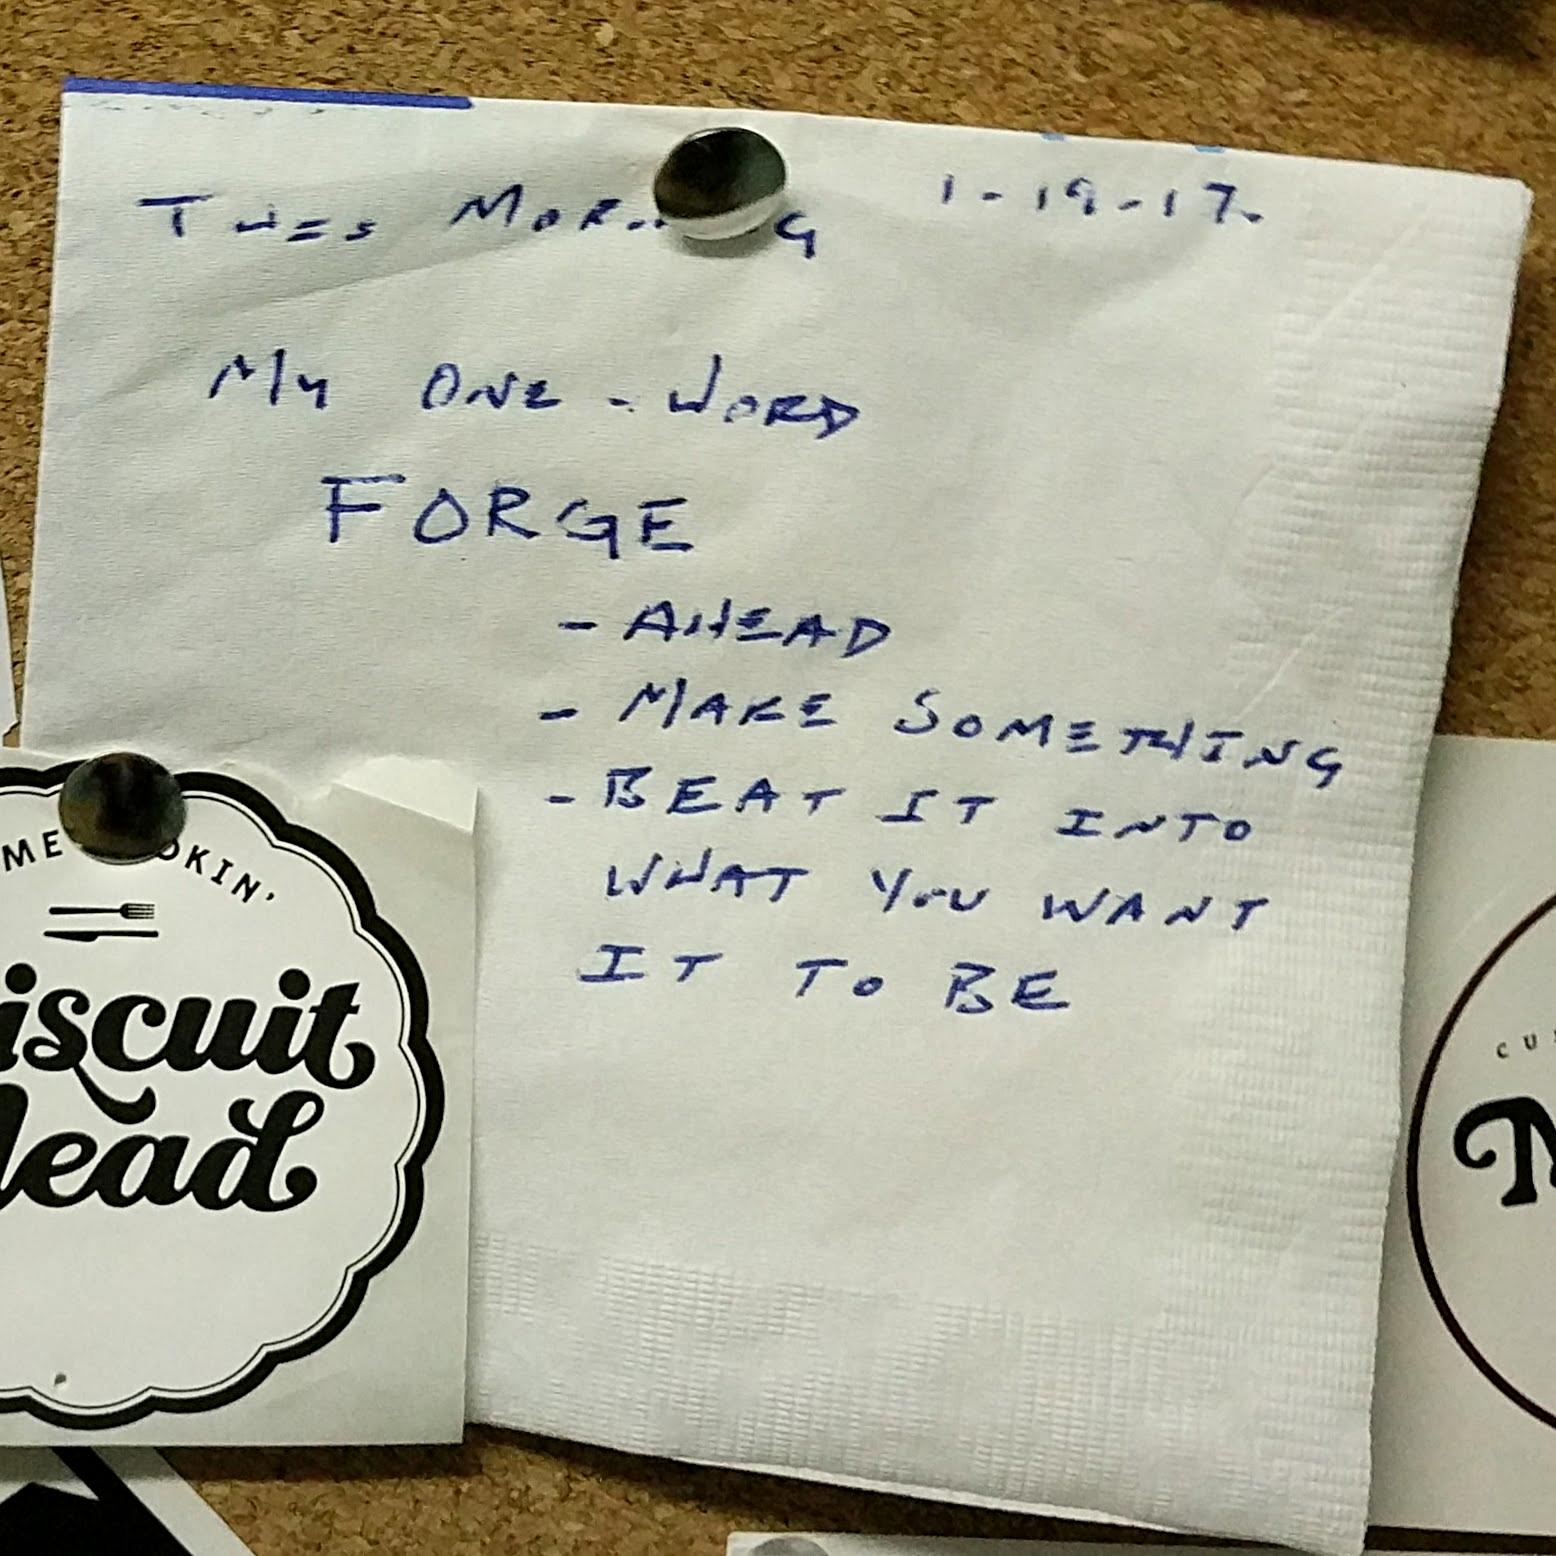 The prophetic napkin now hangs on a cork board in Joel's office.